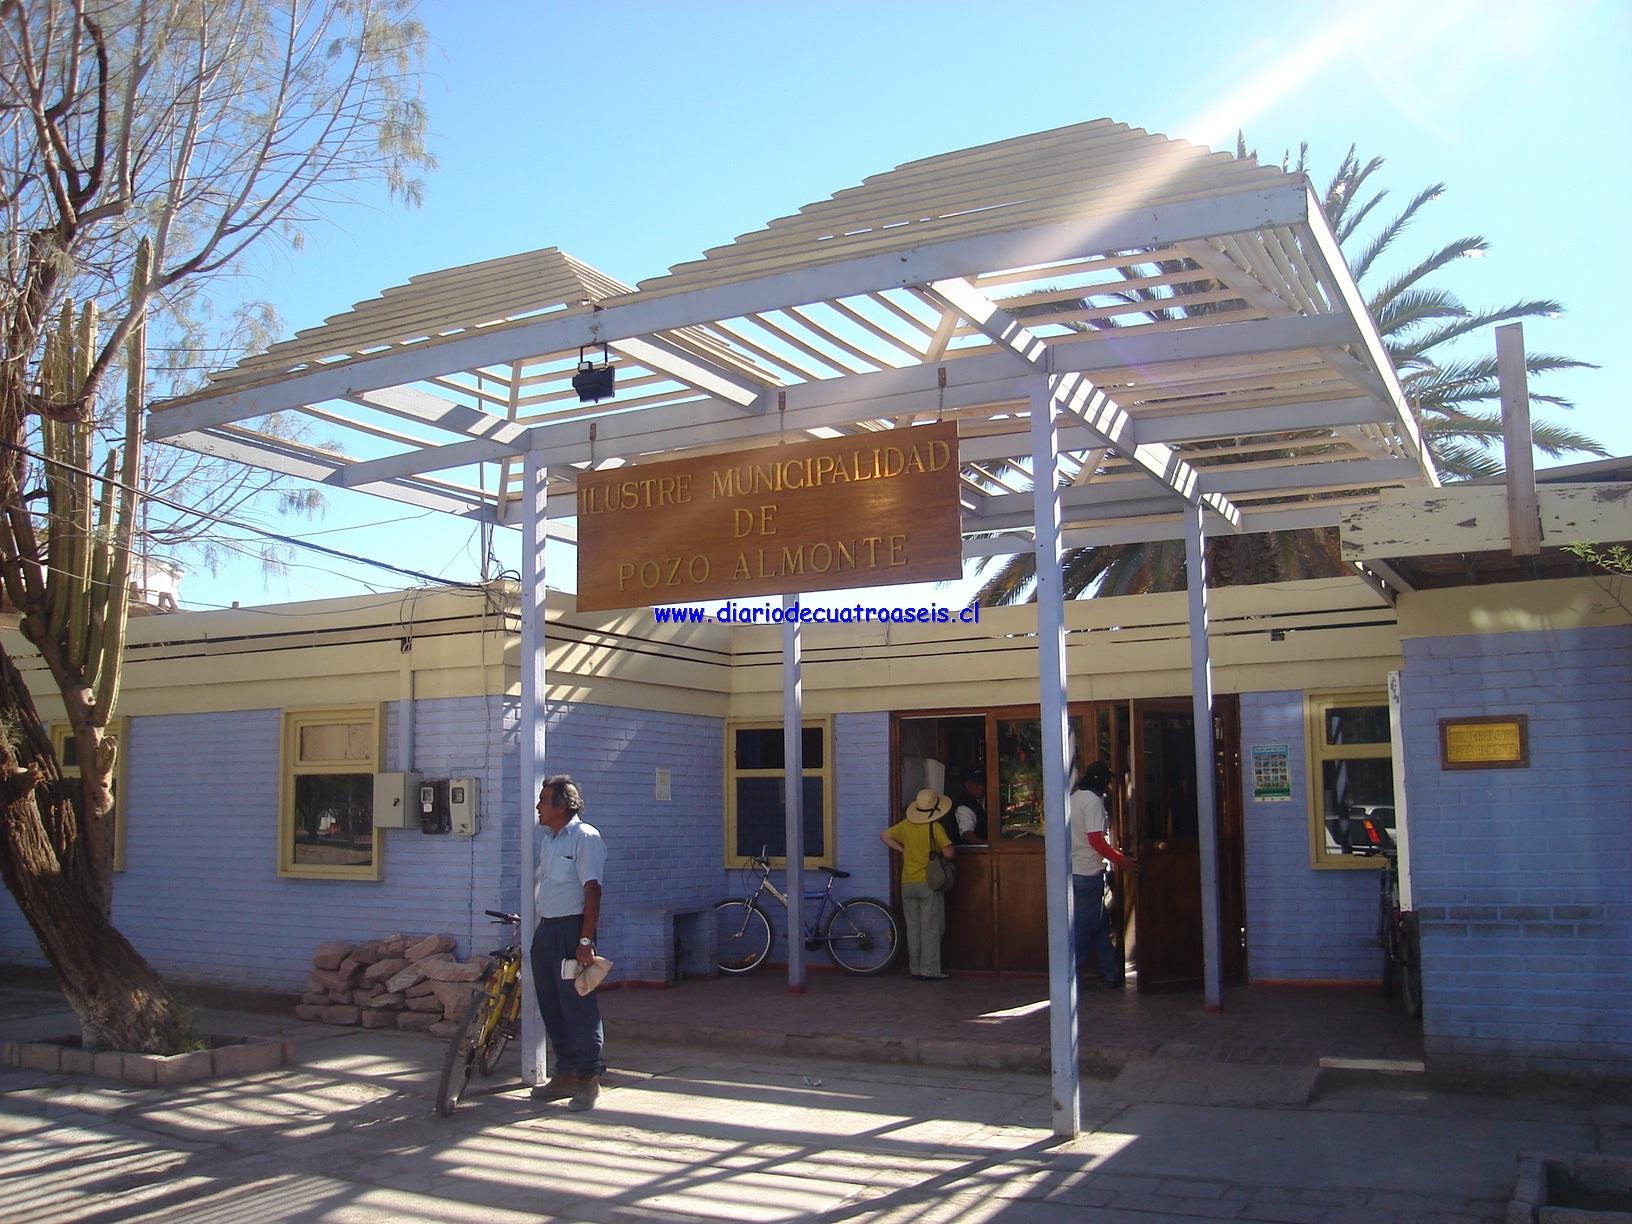 Estudian posible caso de Virus Hanta en Pozo Almonte. Paciente derivado a Hospital de Iquique